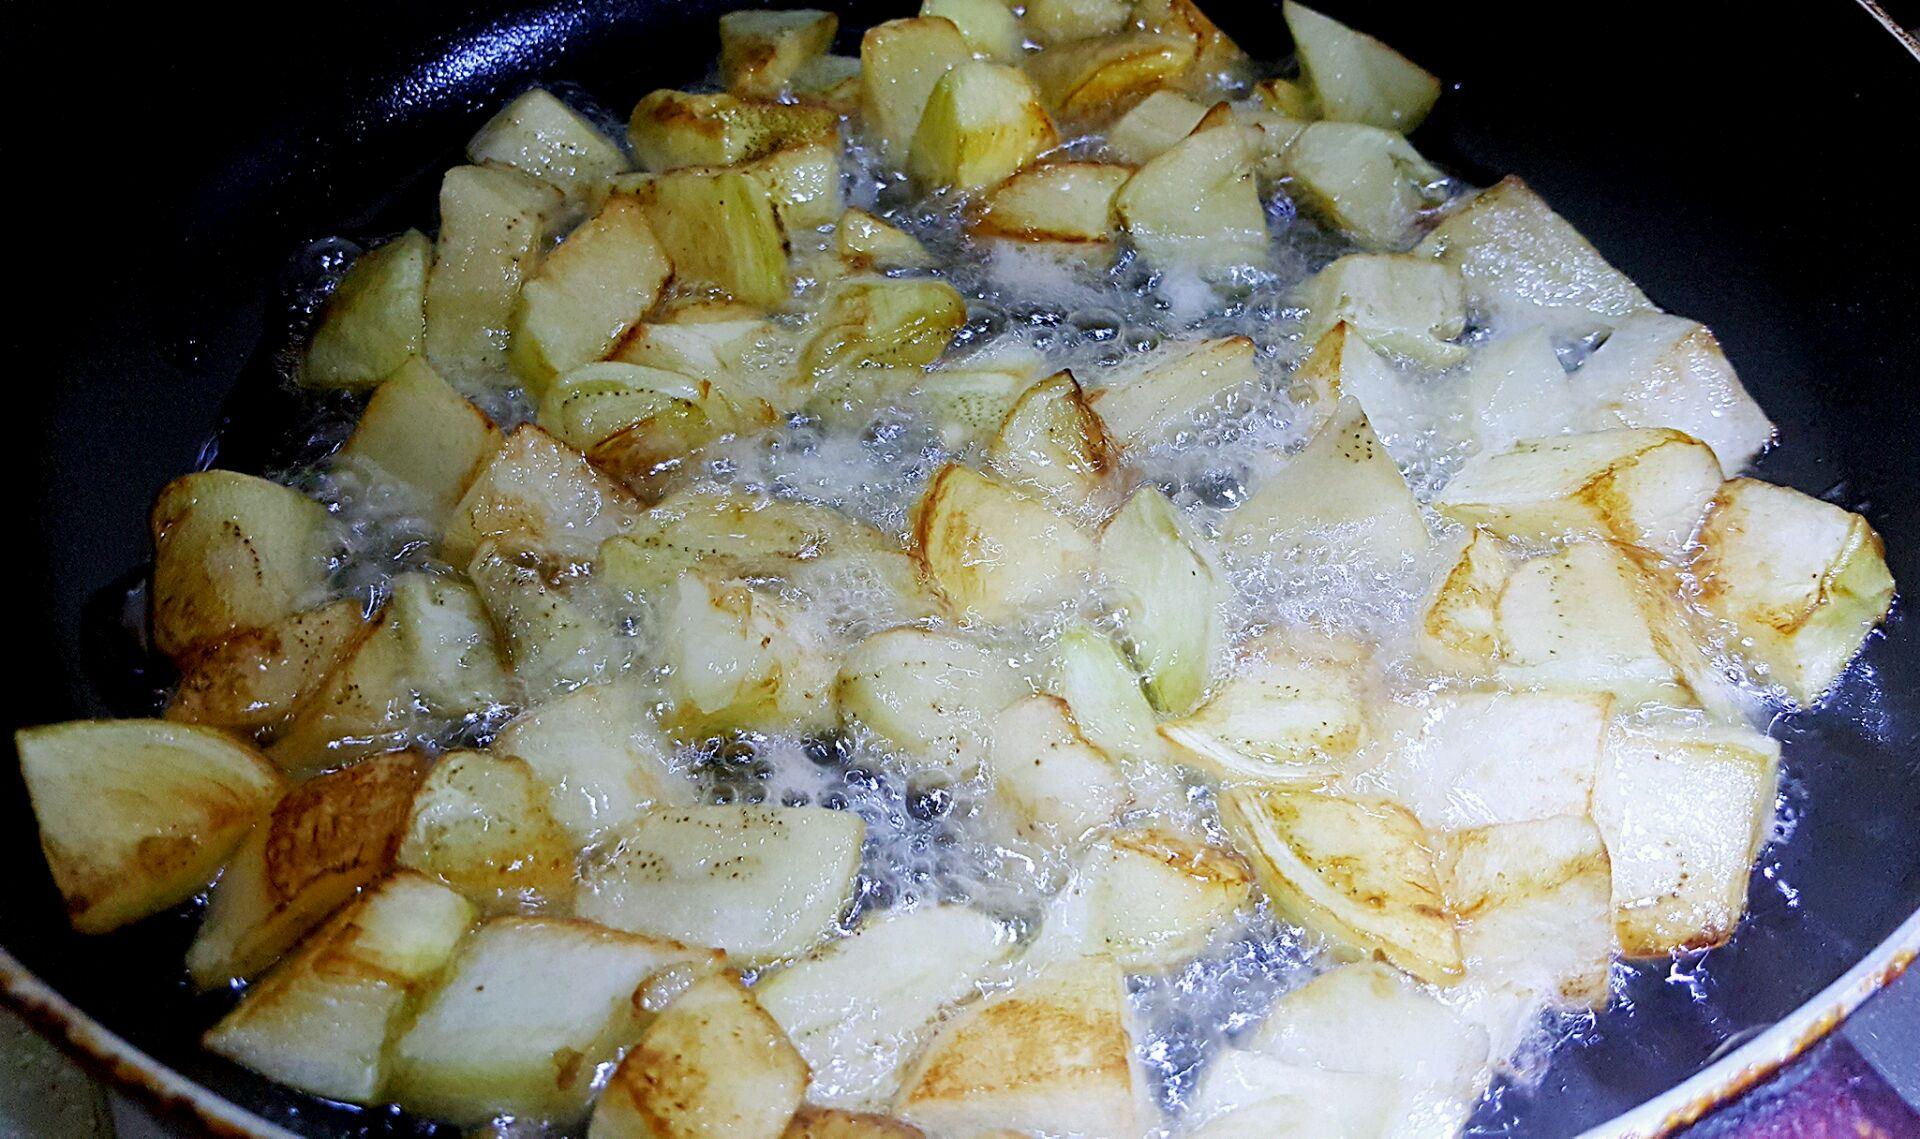 土豆,茄子去皮切菱形块,用油炸熟.捞出来.青椒也切类似形状块,备用.